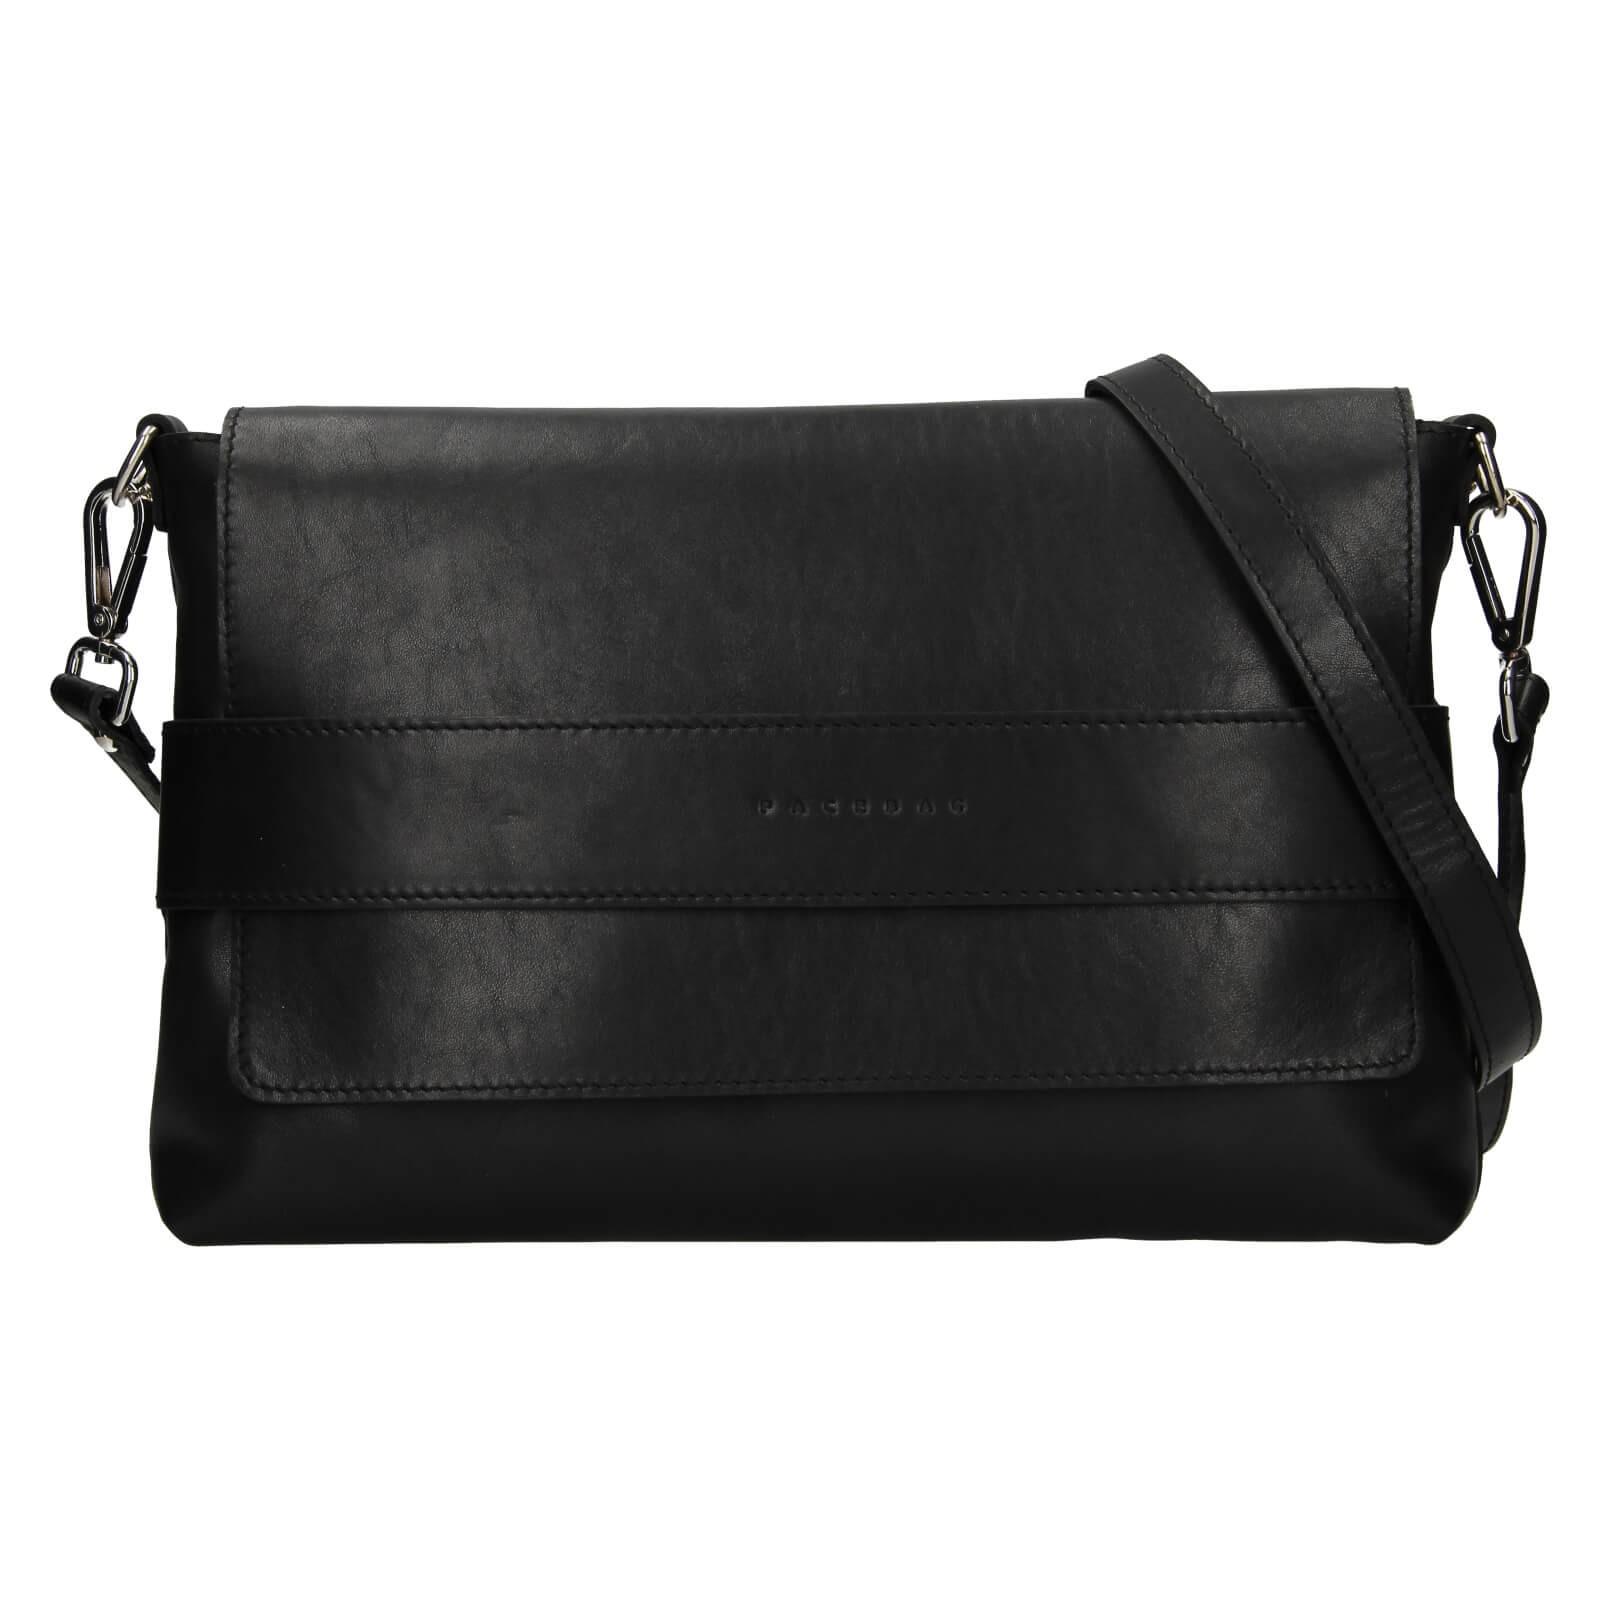 Dámska kožená kabelka Facebag Fabia - čierna